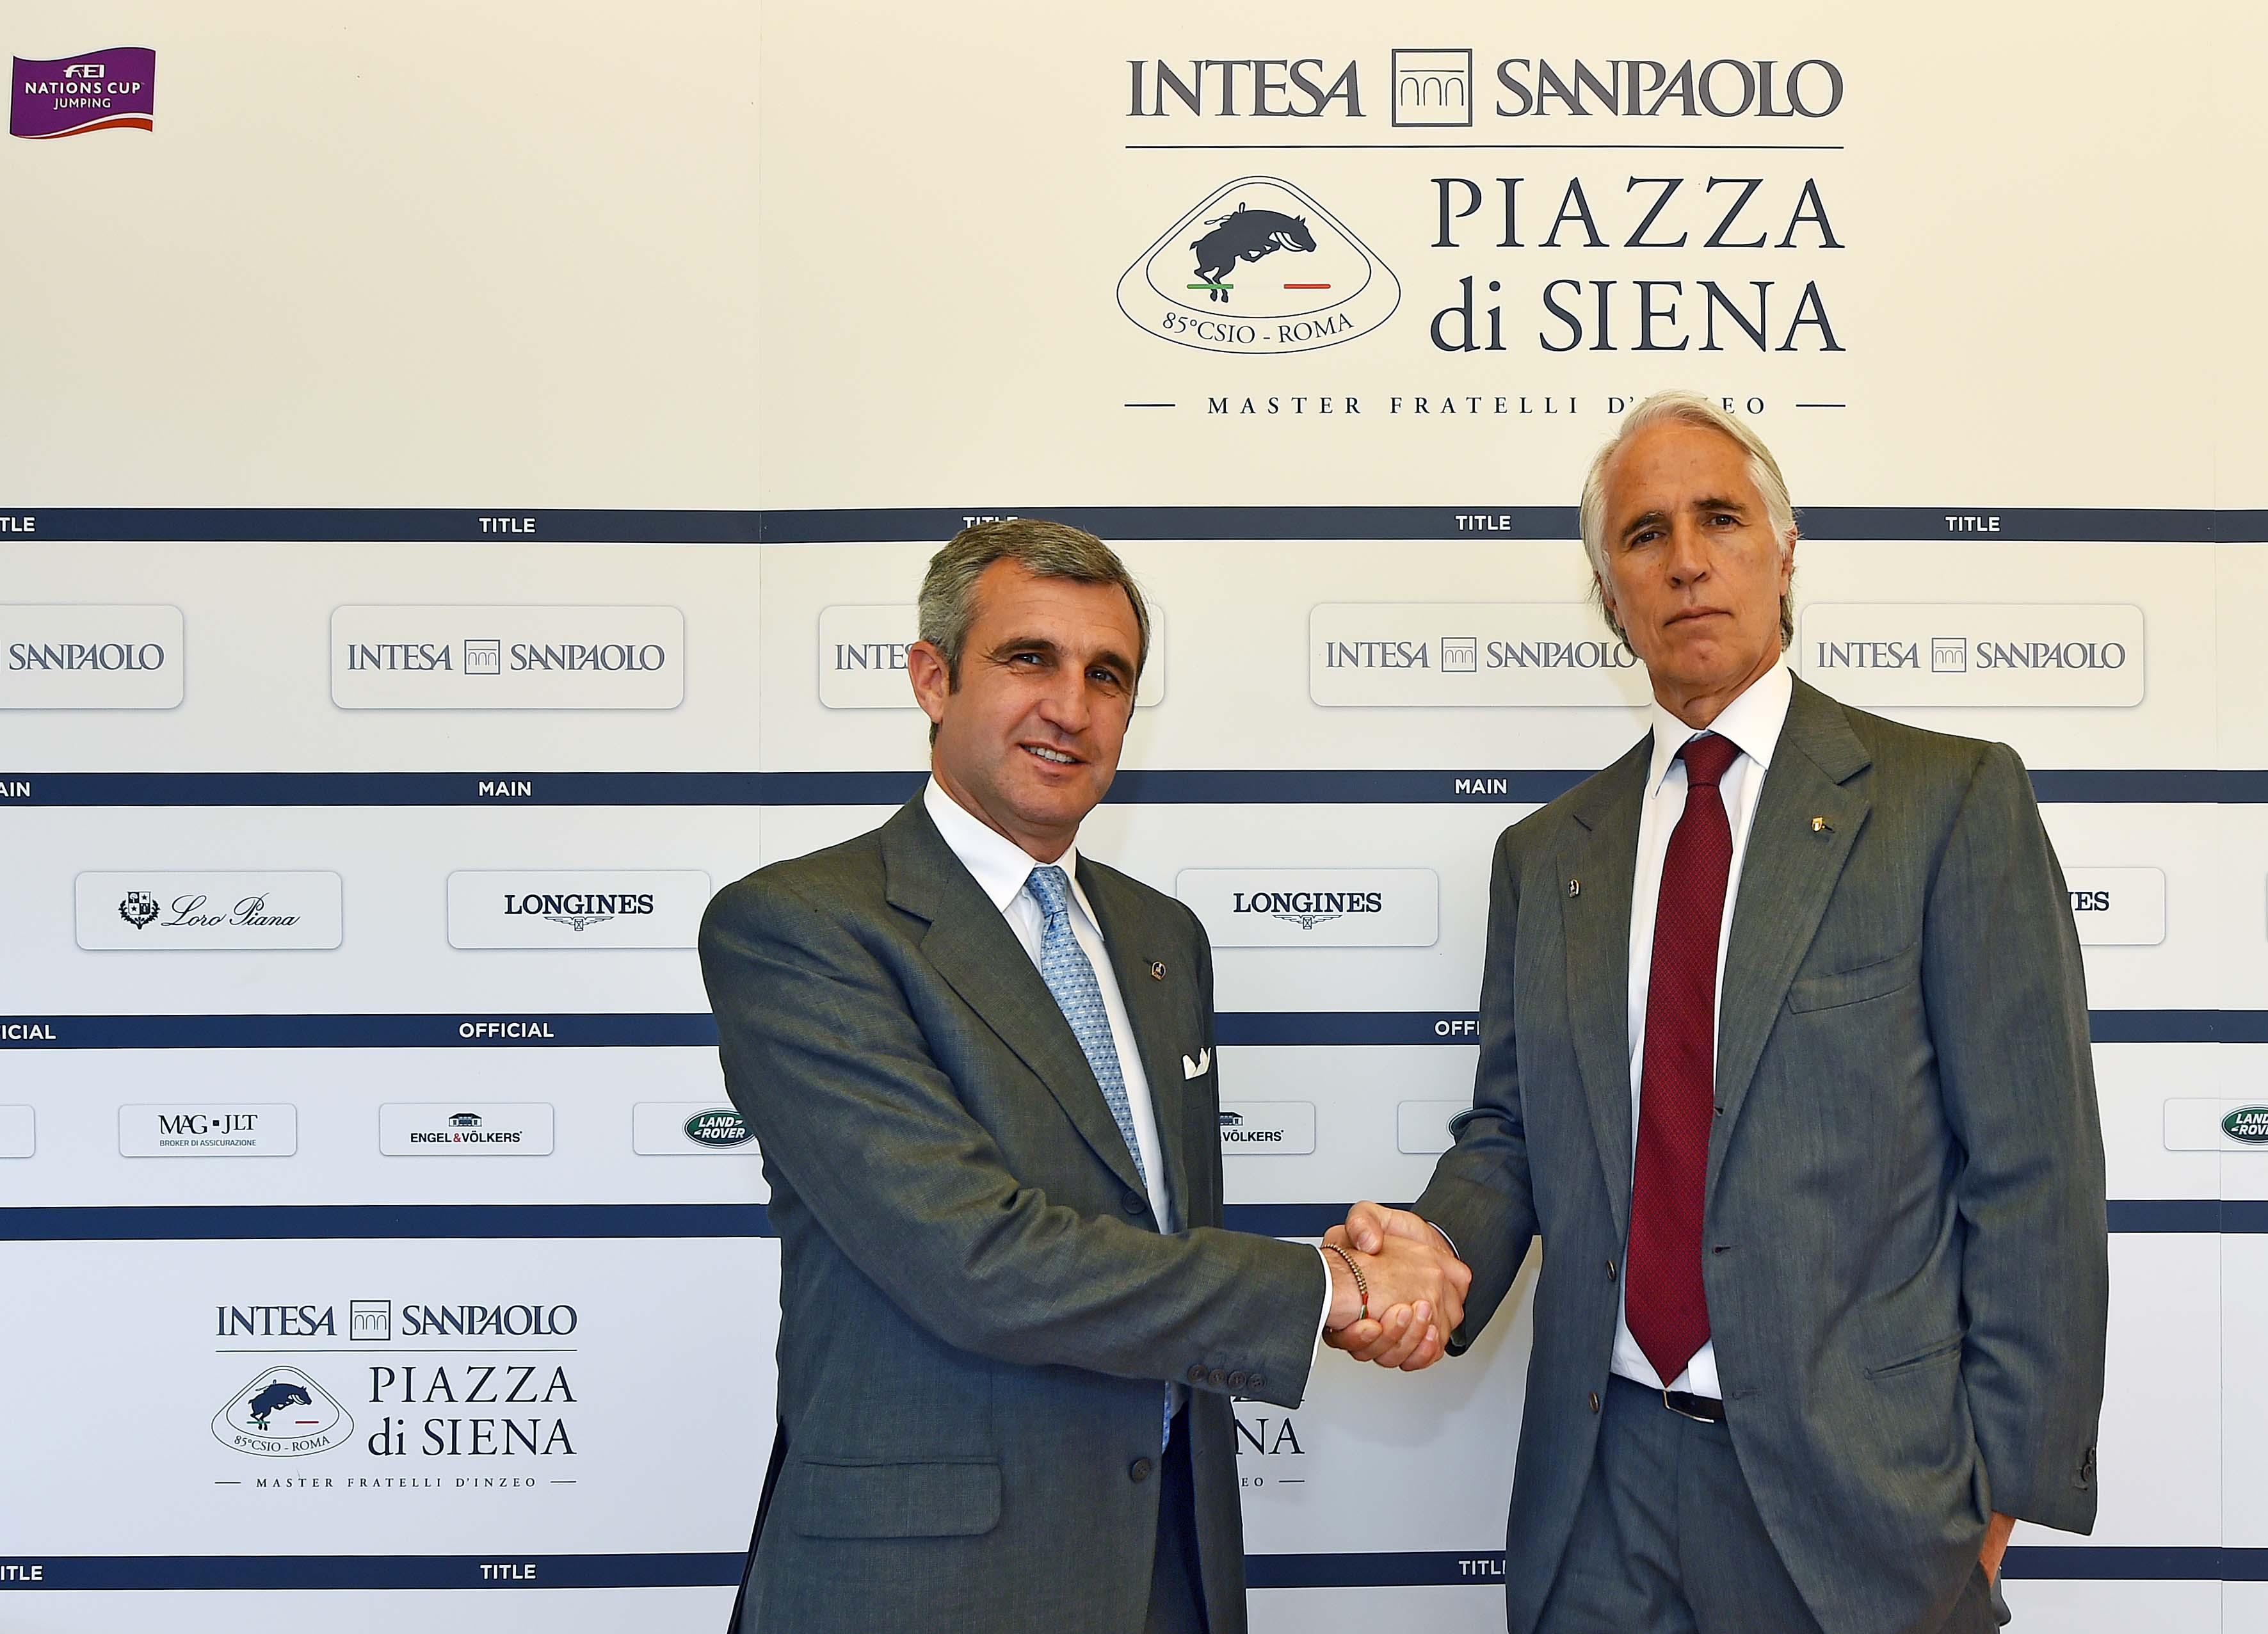 170503037 Piazza Di Siena Conf - Foto Simone Ferraro